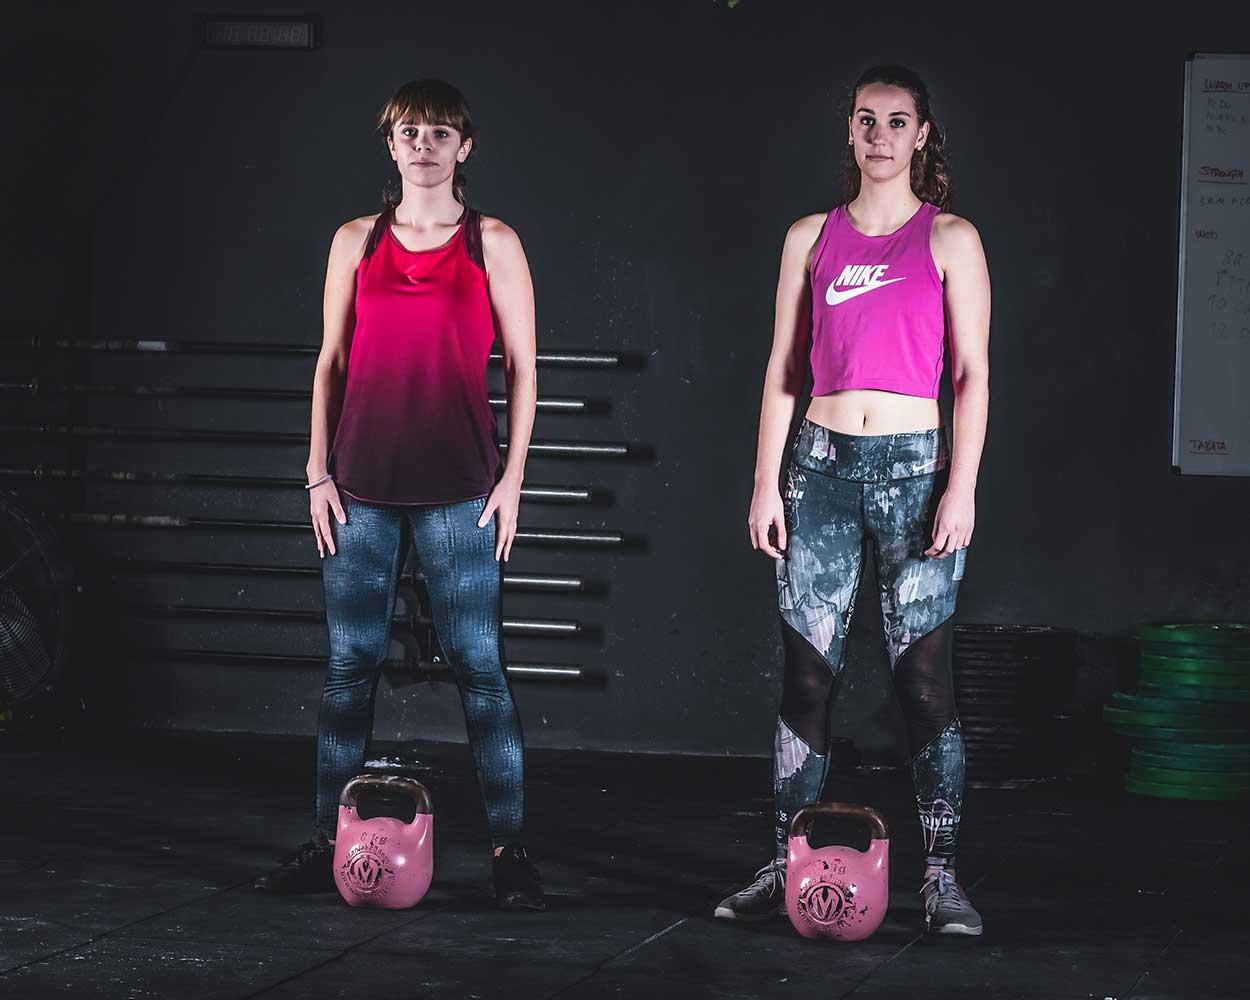 Gimnasio publicidad sesión de fotos de dos mujeres jóvenes en ropa deportiva mirando a la cámara.